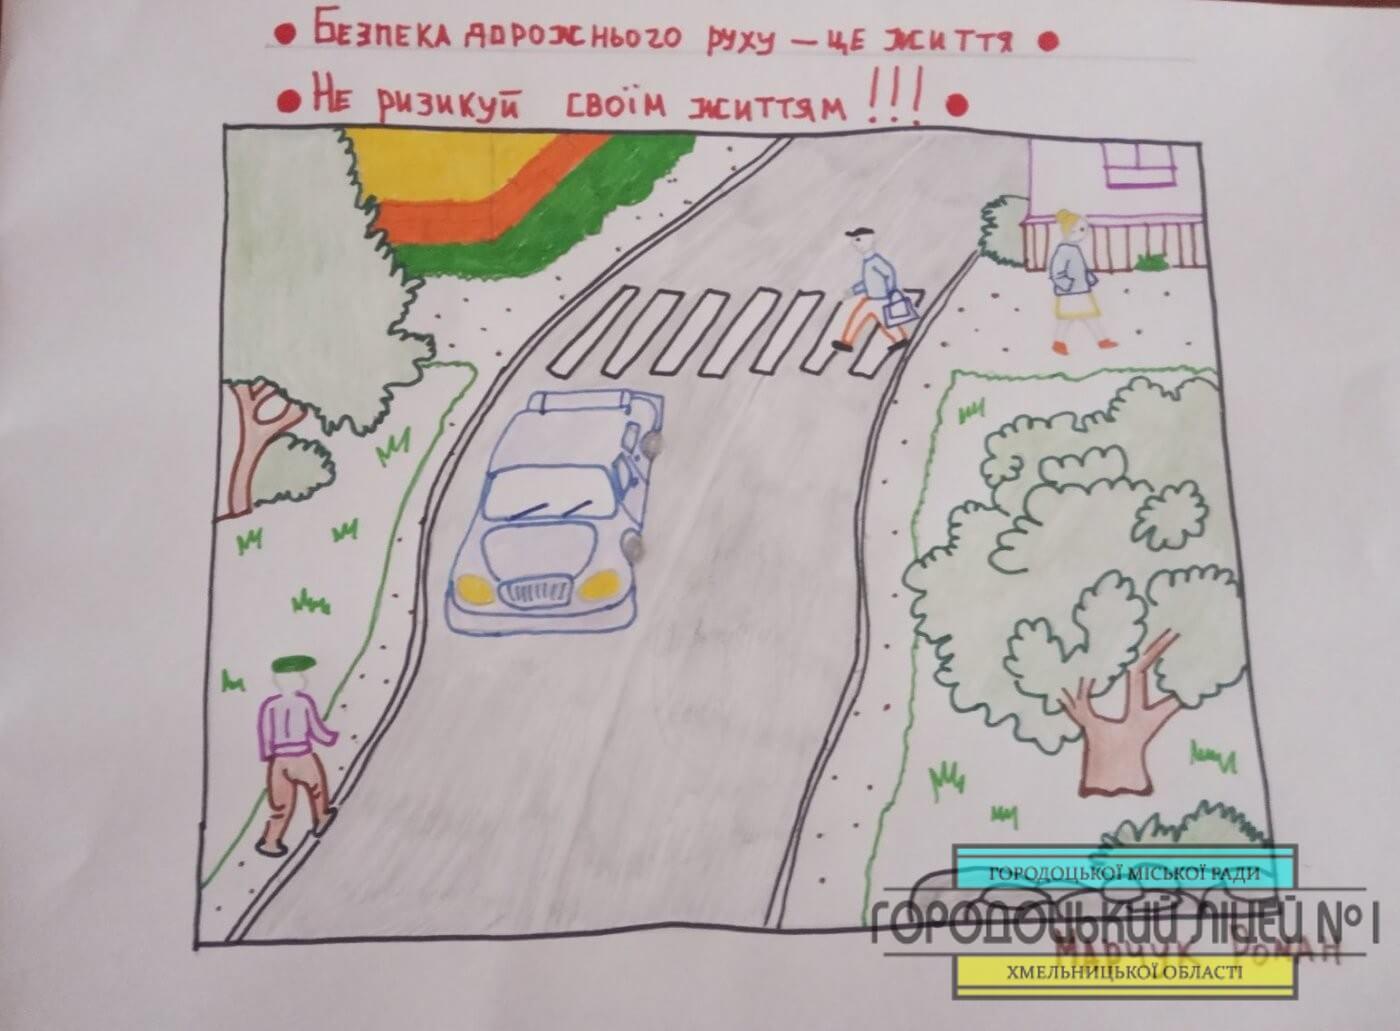 zobrazhennya viber 2020 05 21 07 53 39 1400x1031 - Конкурс малюнків серед учнів 5 - 7 класів з безпеки дорожнього руху